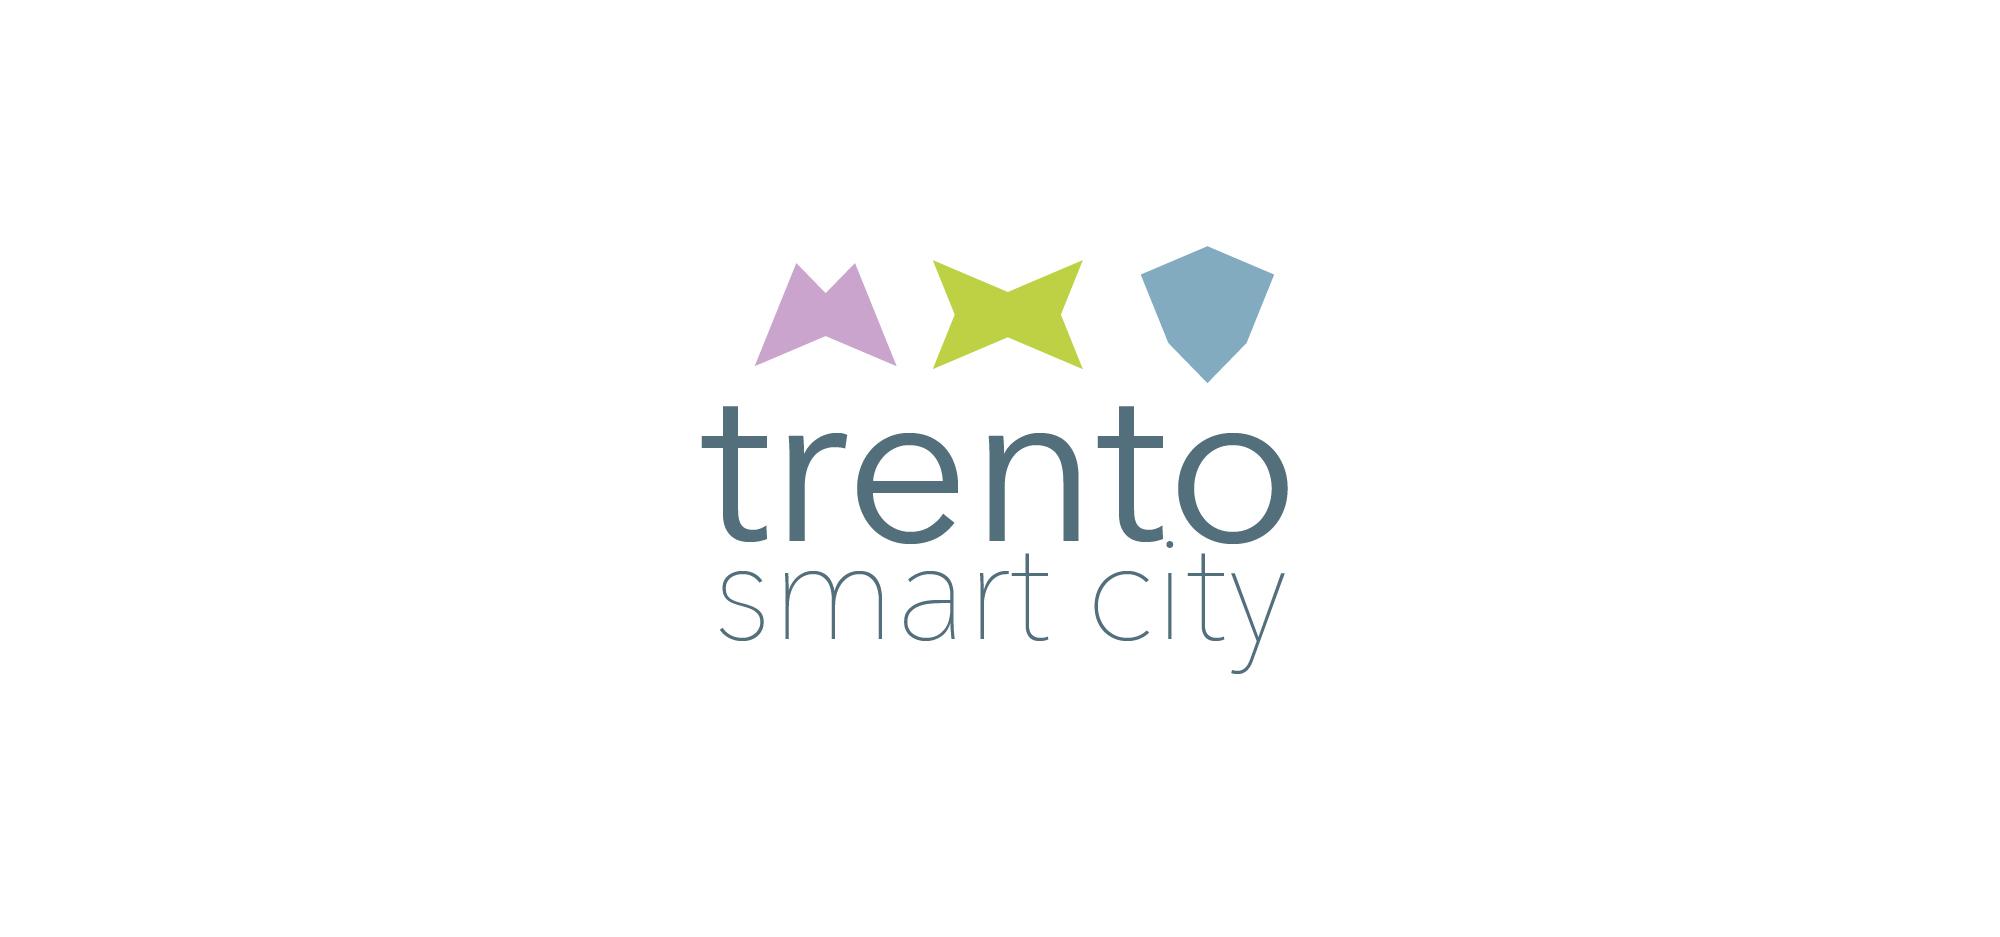 trento-smart-city-09